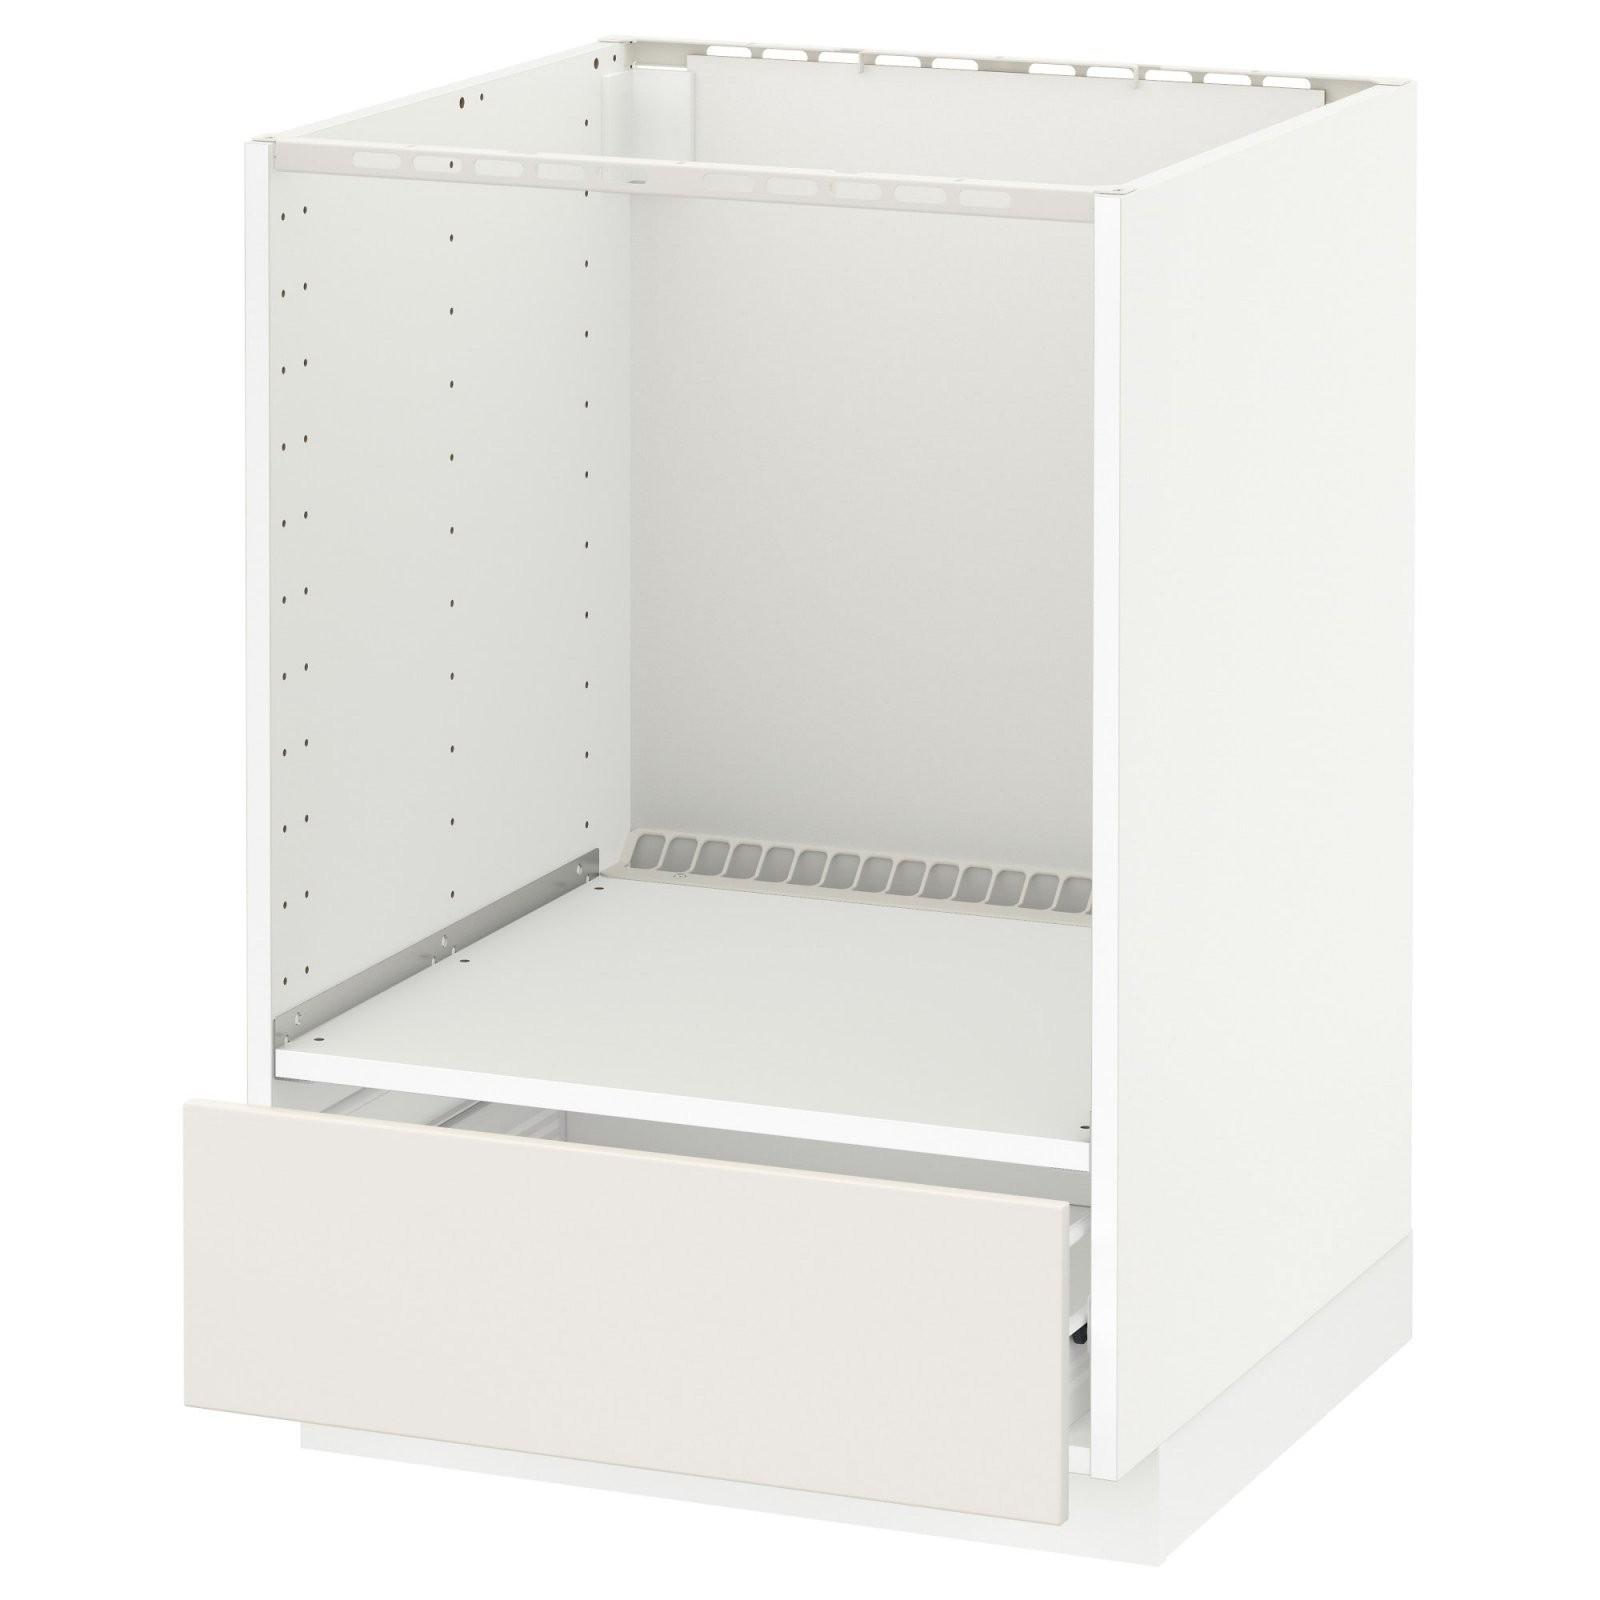 Metod  Förvara Unterschrank Für Ofen Mit Schubl  Weiß Veddinge von Schrank Für Einbauherd Selber Bauen Bild